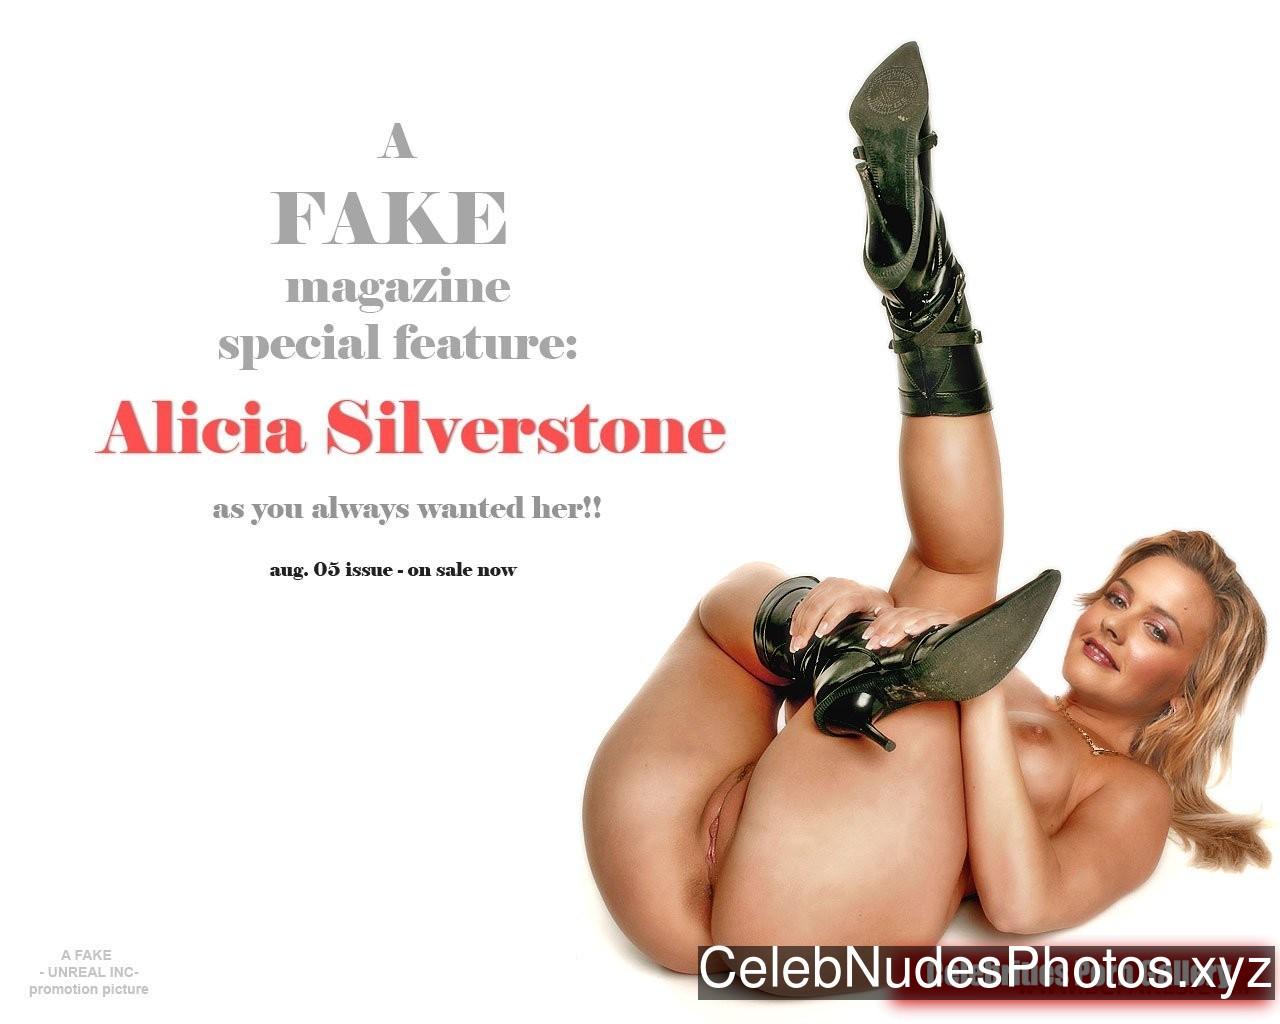 Alicia Silverstone Nude Celebrity Picture sexy 30